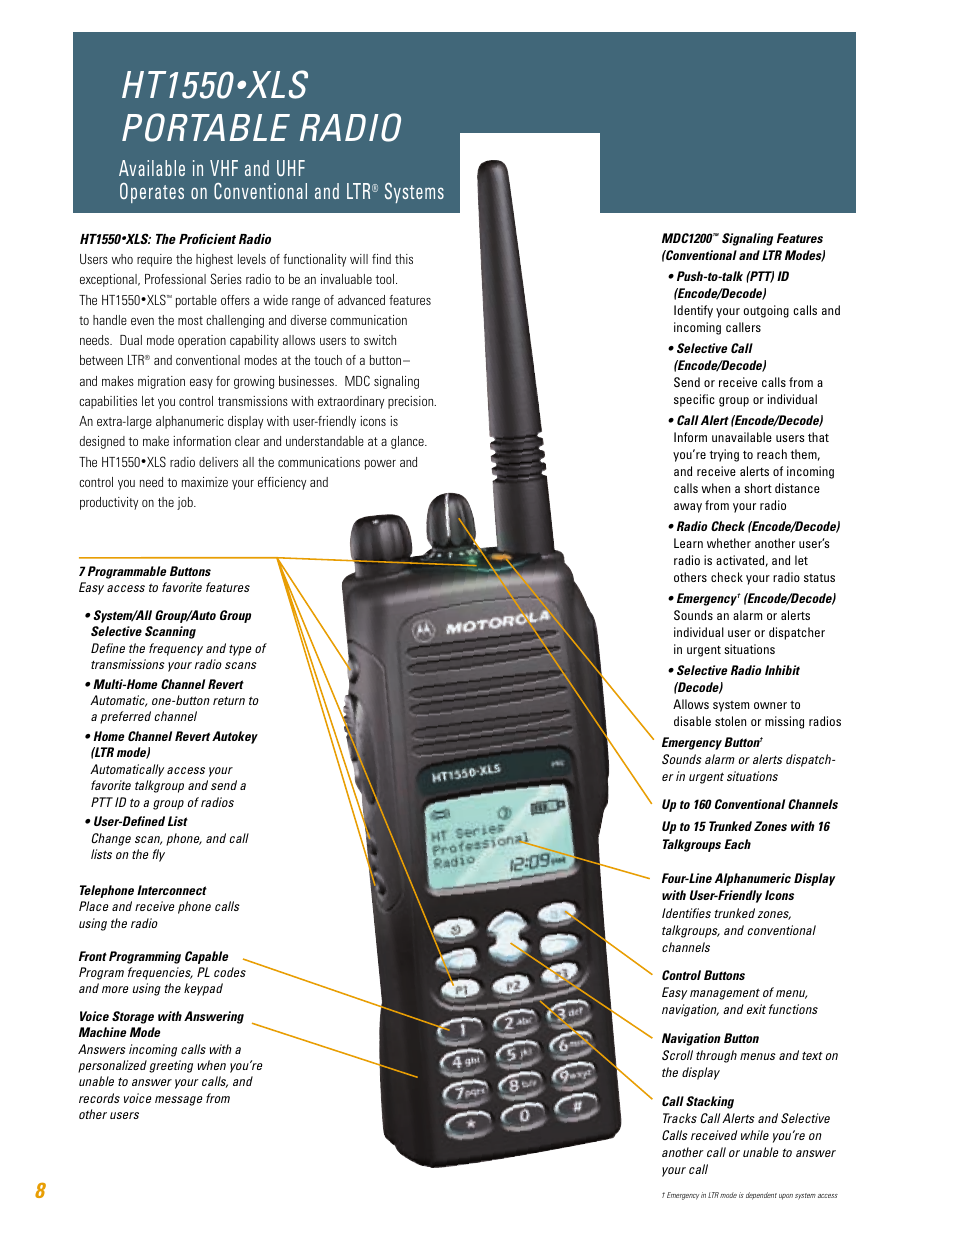 ht1550 xls portable radio systems motorola ht750 user manual rh manualsdir com motorola ht750 service manual motorola ht750 charger manual